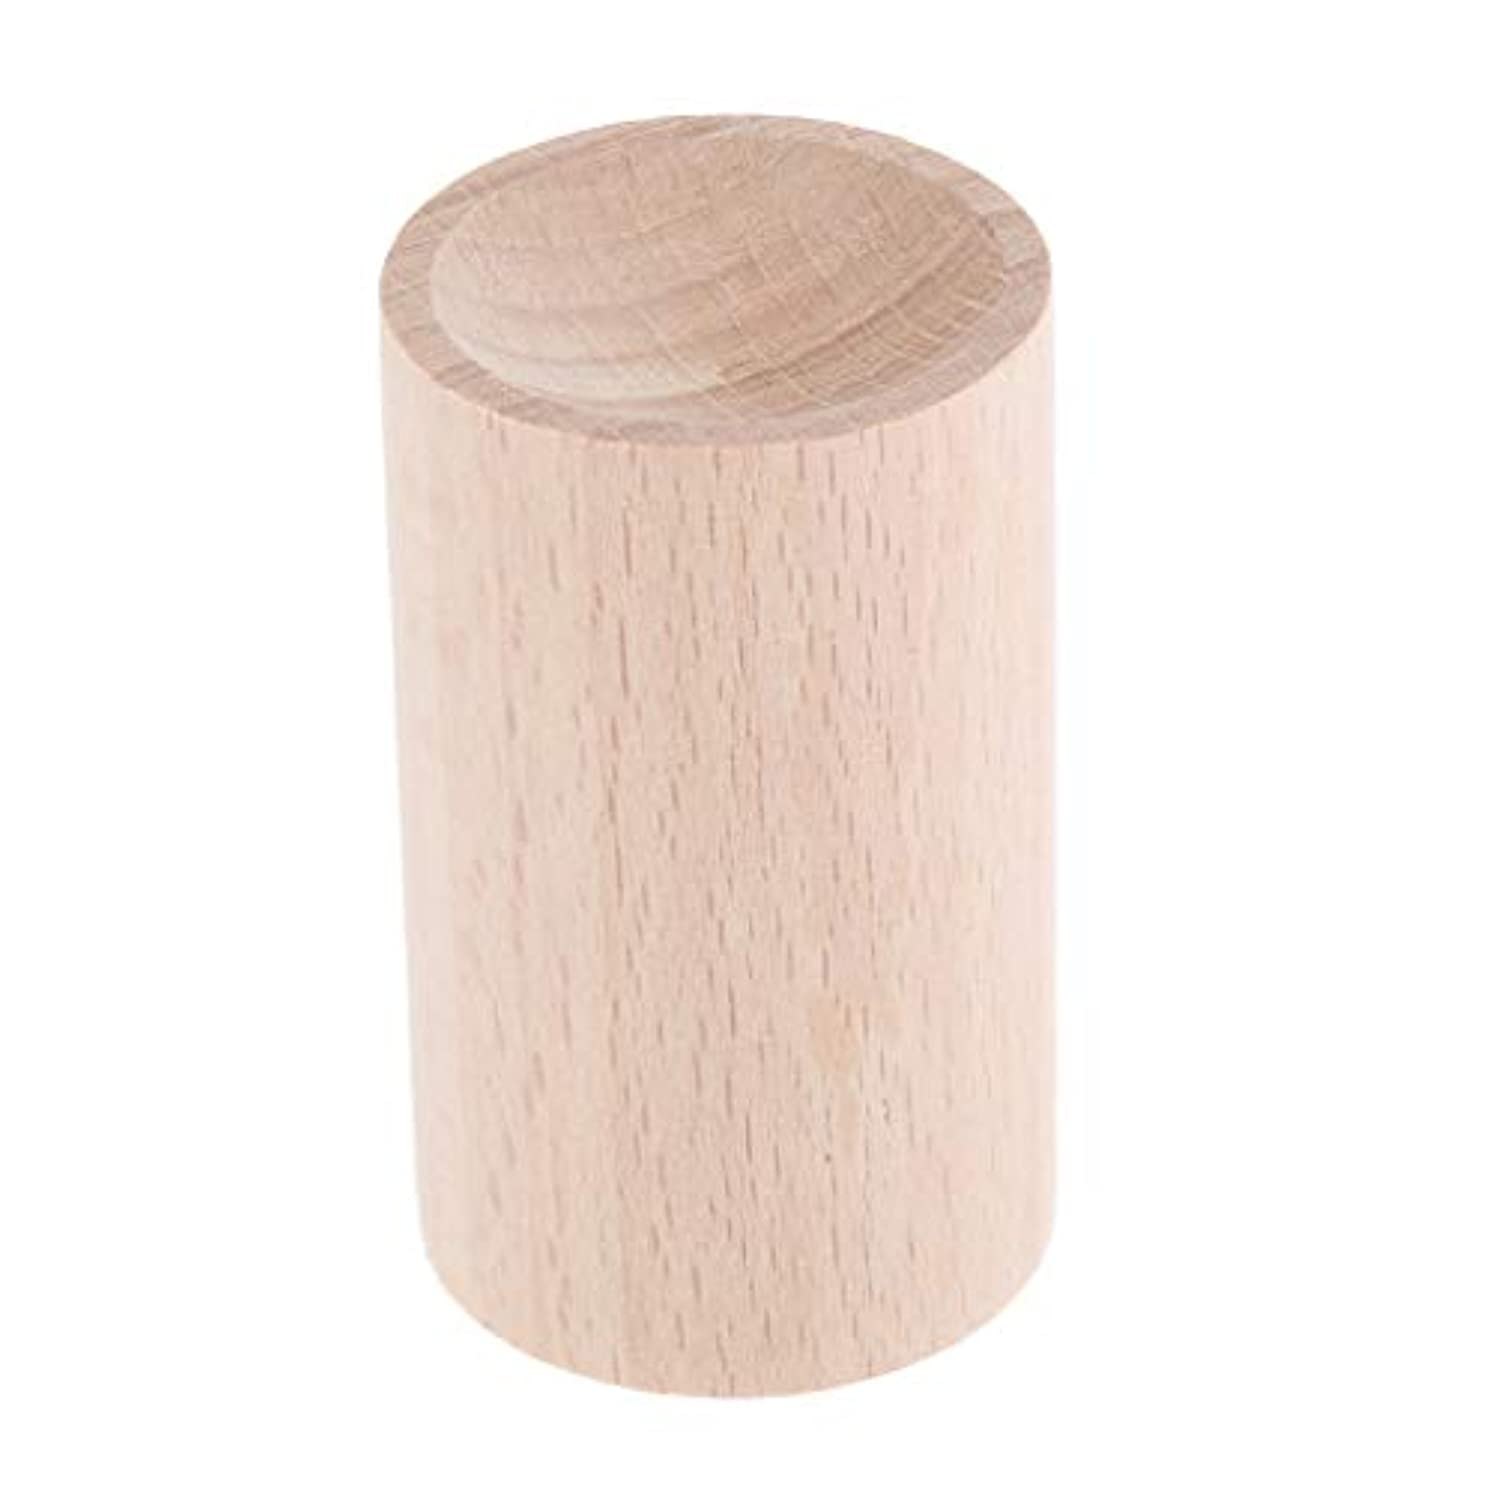 タイルの頭の上紳士Baoblaze 天然木 ハンドメイド エアフレッシュナー エッセンシャルオイル 香水 アロマディフューザー 2種選ぶ - 01, 3.2cm